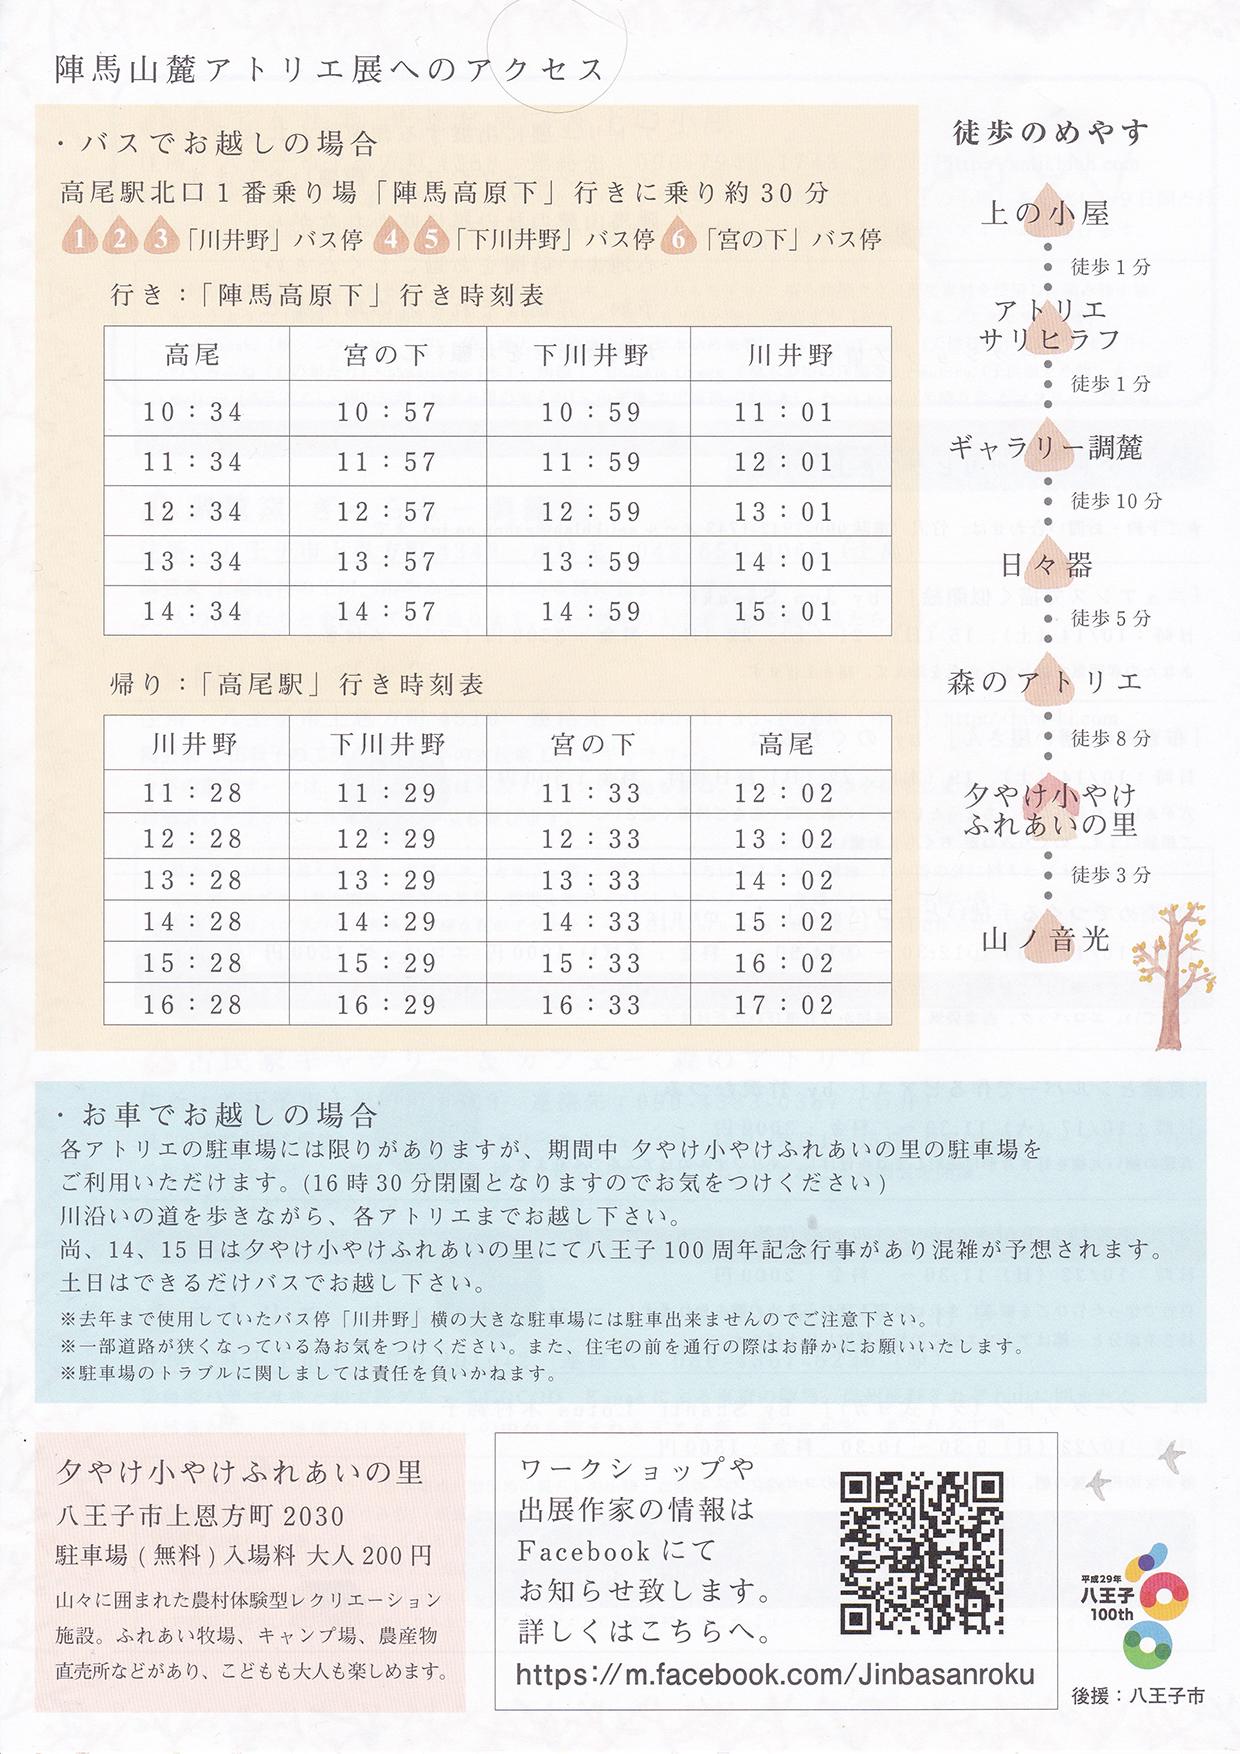 jinbasanroku3web